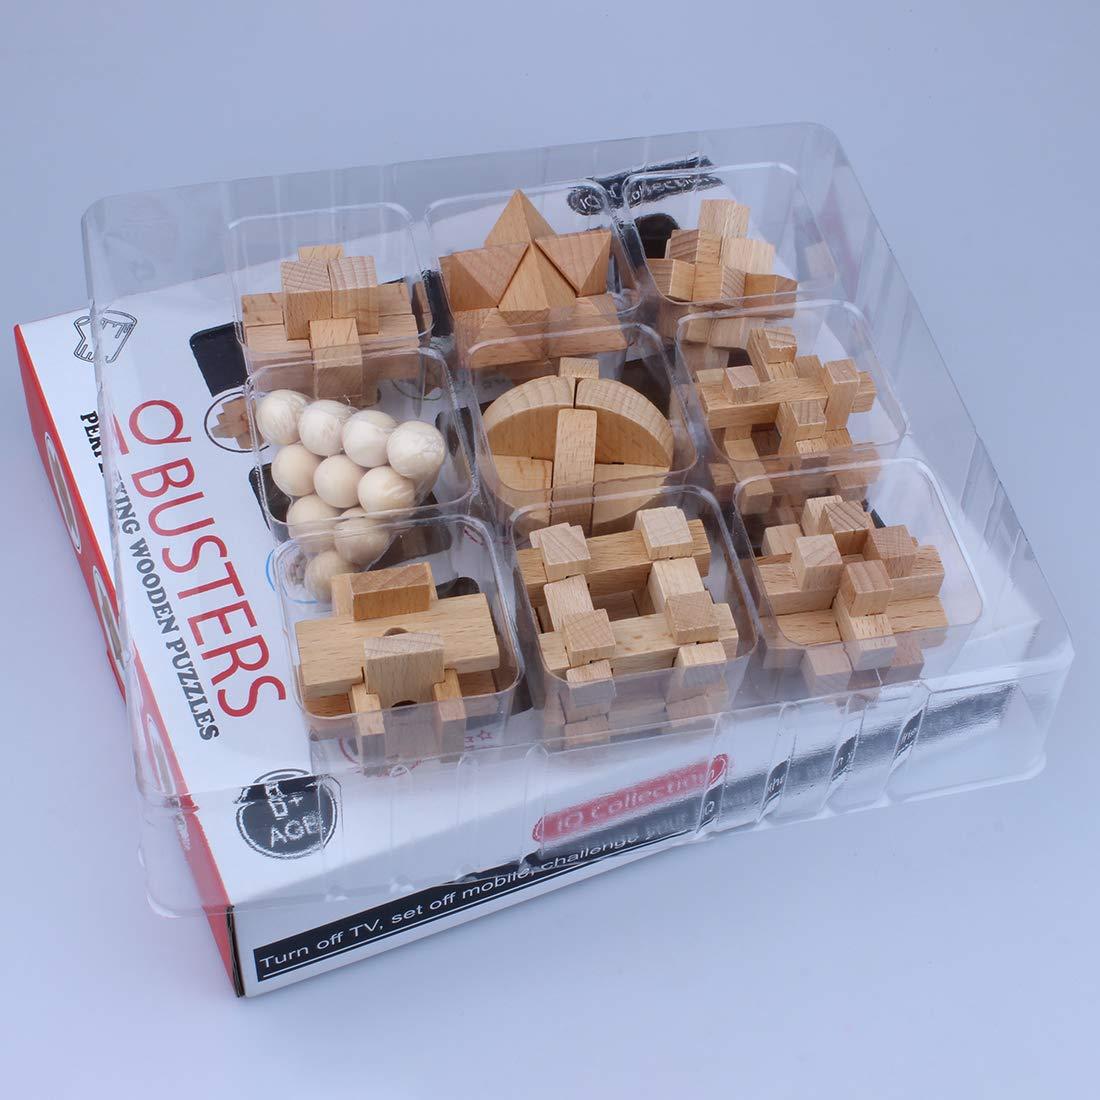 Searchyou Puzzle Rompicapo 9 Pezzi 3D Rompicapo in Legno Giochi di Riflessione e Logica per Bambini e Adulti